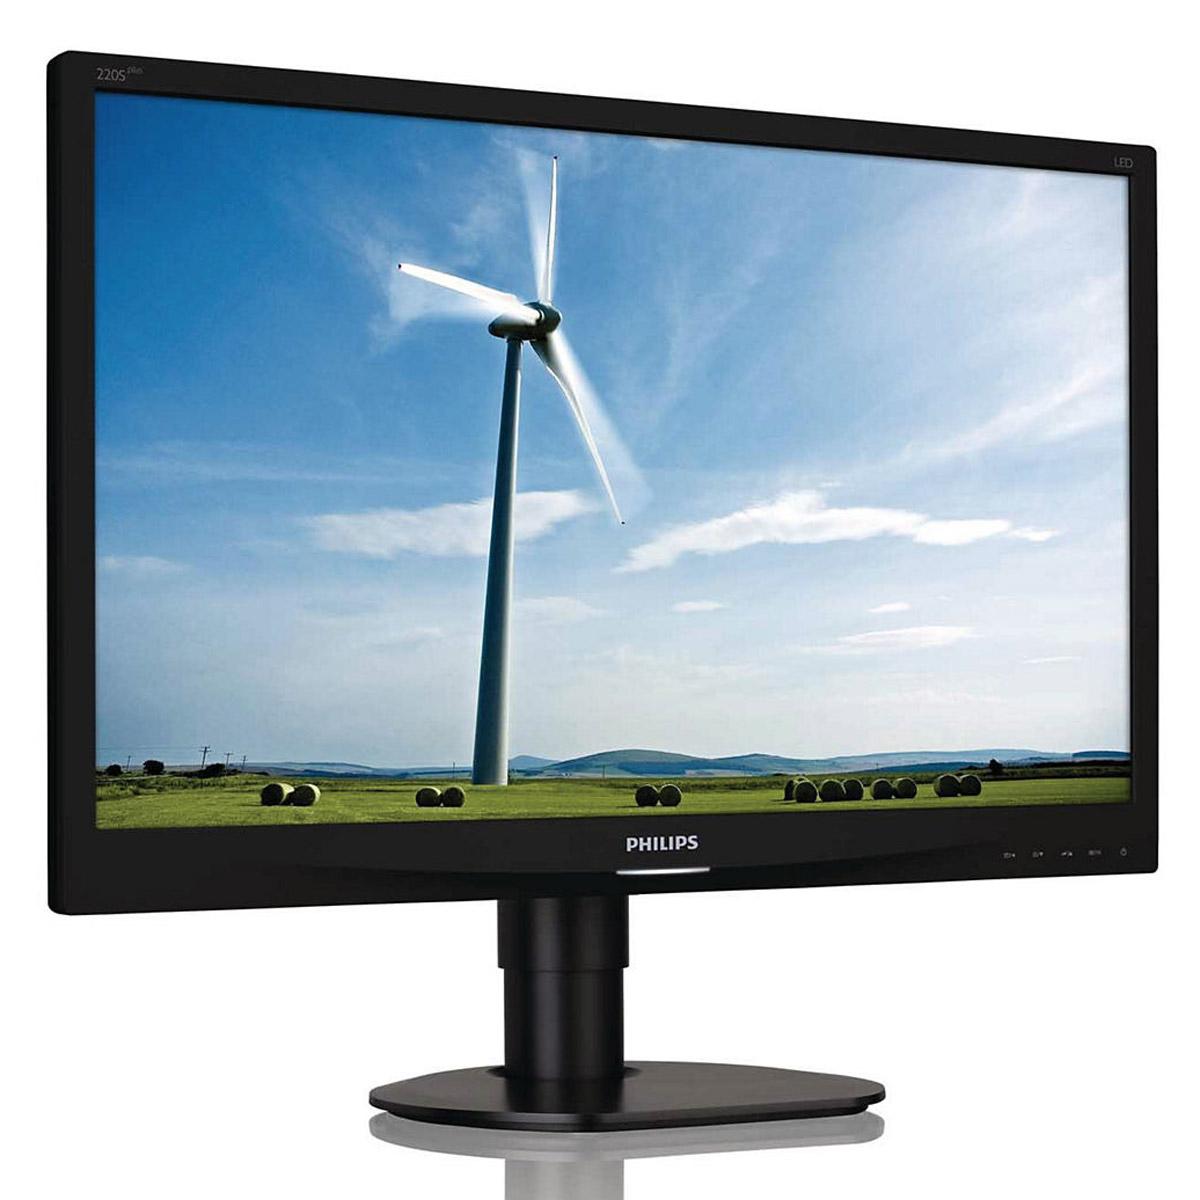 """Ecran PC Philips 22"""" LED - 220S4LCB 1680 x 1050 pixels - 5 ms - Format 16/10 - Pivot - Noir"""